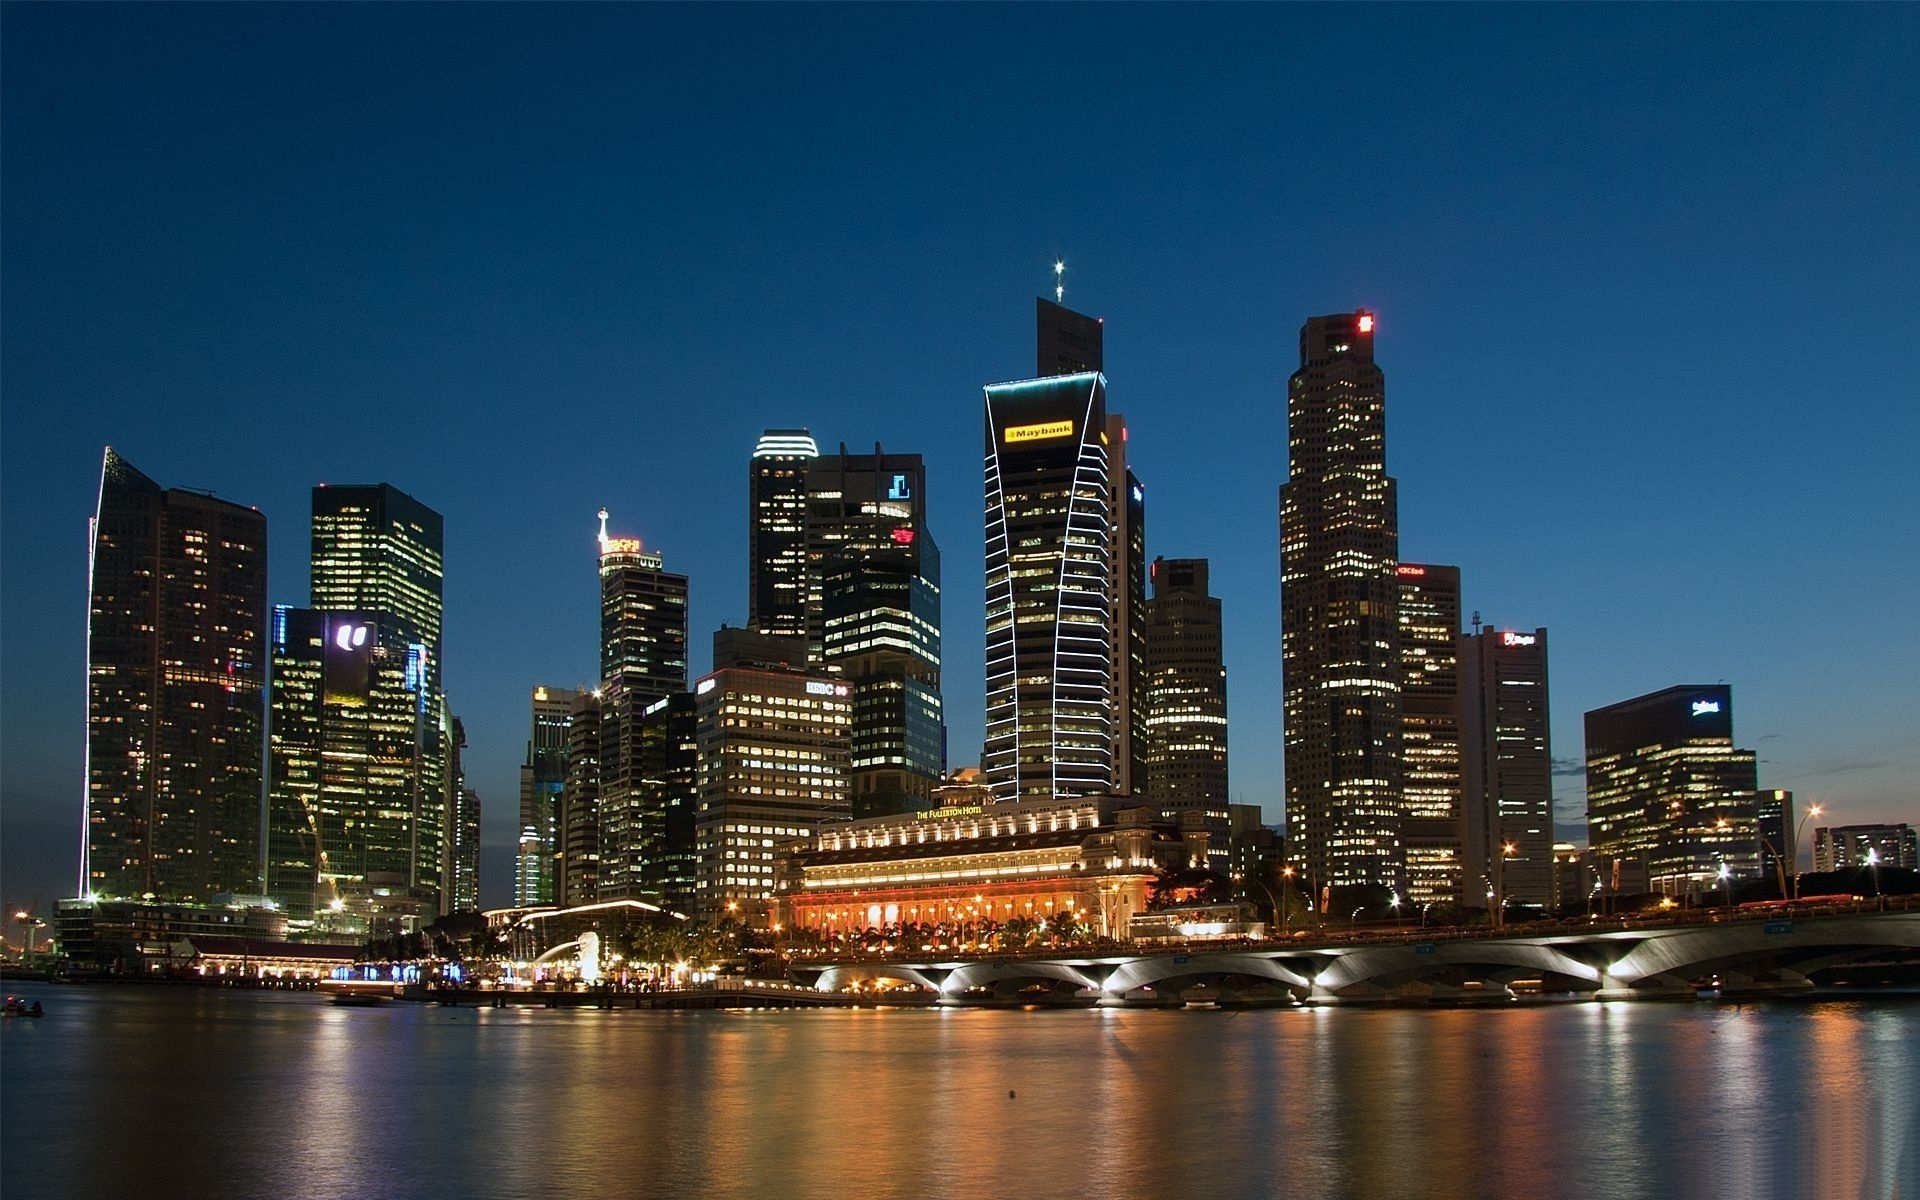 ночной город картинки высокого провести дезинфекцию